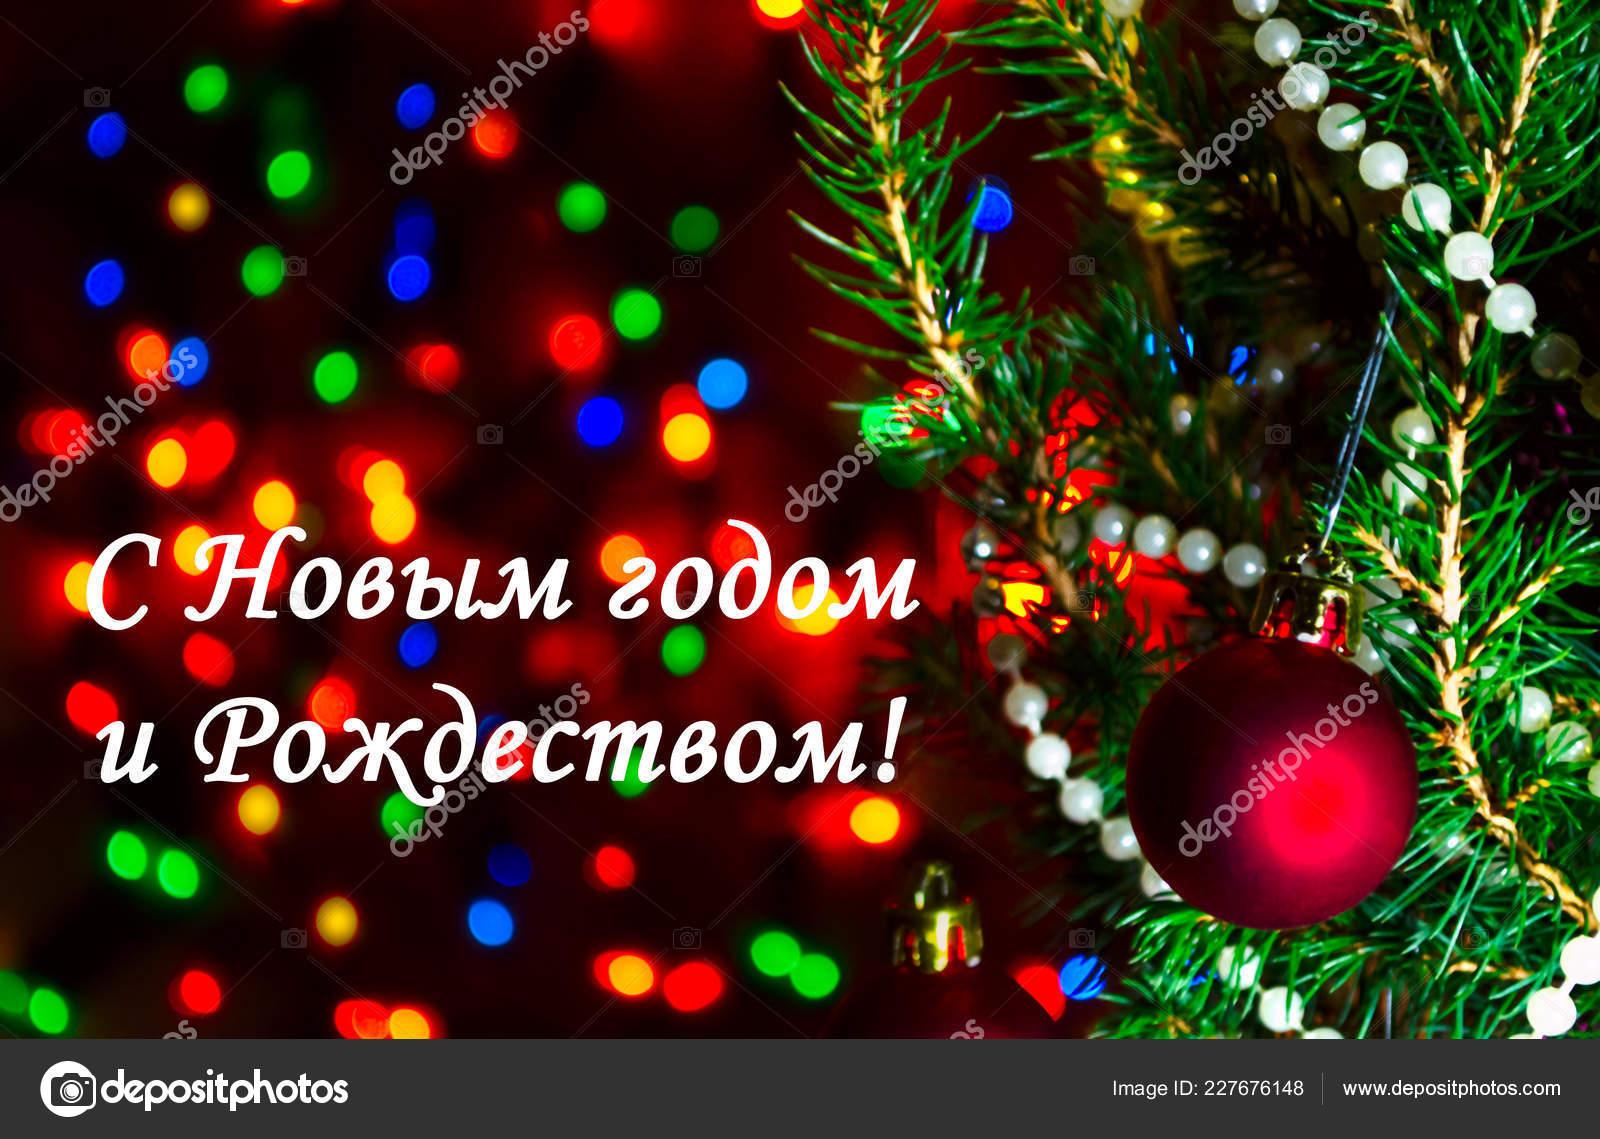 Red Christmas Ball Christmas Tree Blurred Lights Christmas